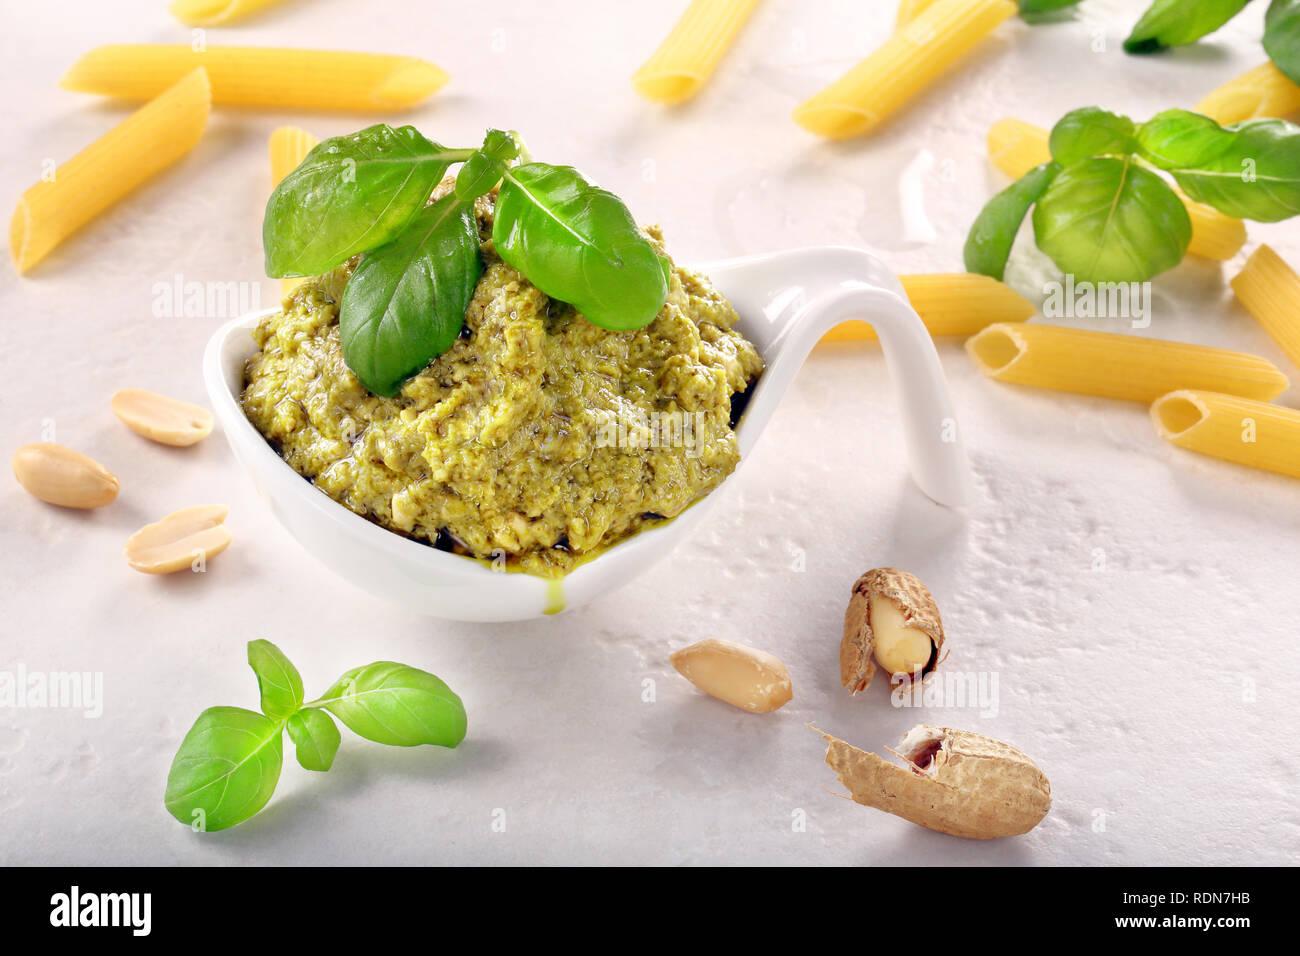 Pesto au basilic frais dans un bol blanc. Banque D'Images